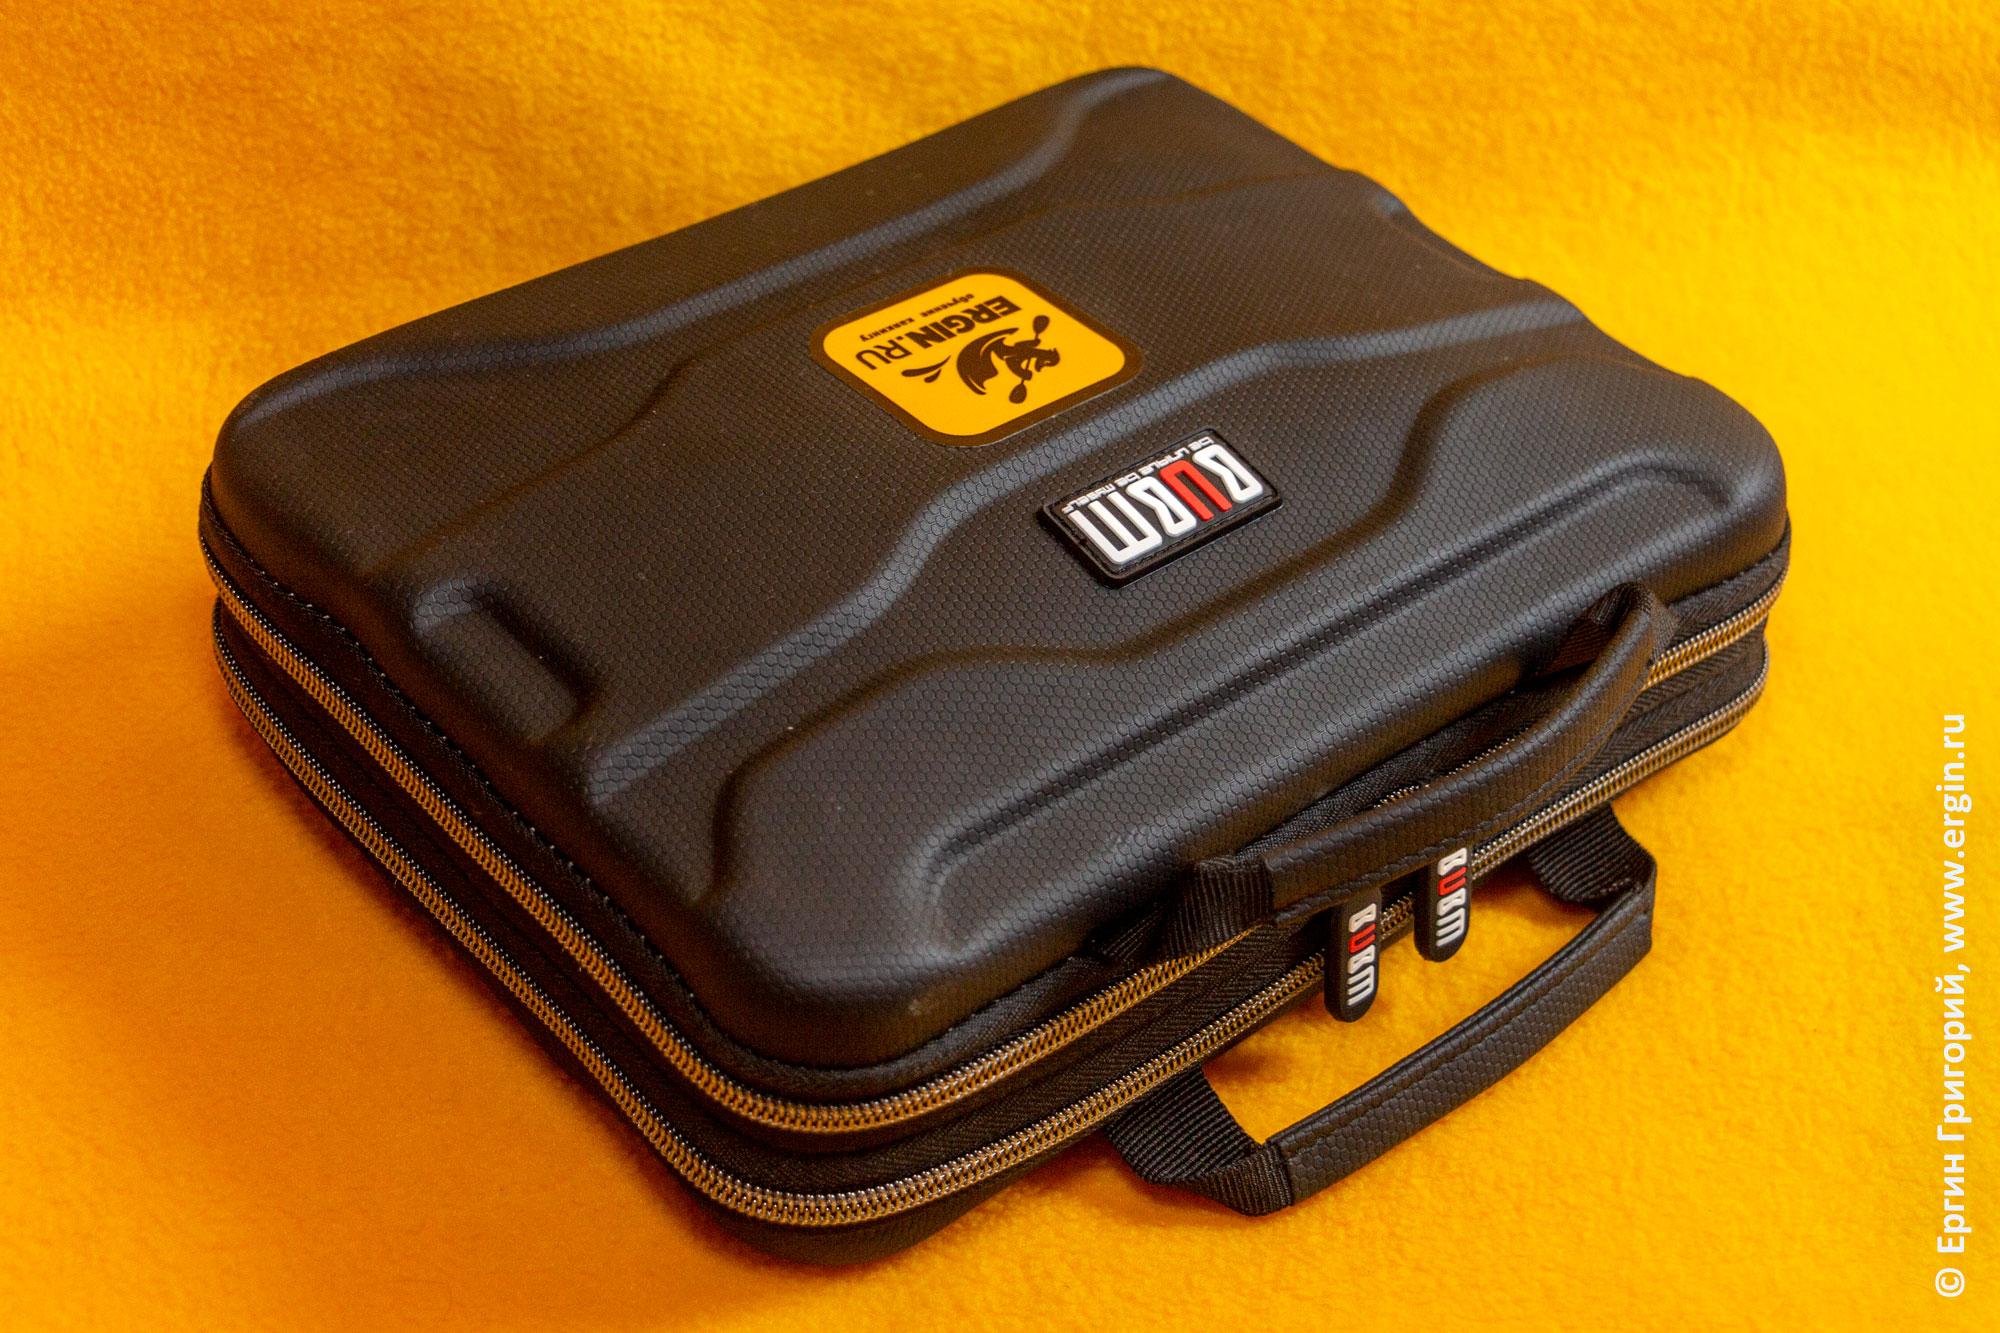 Кейс чемодан чехол для проектора CineBeam LG PF50KS фирмы BUBM